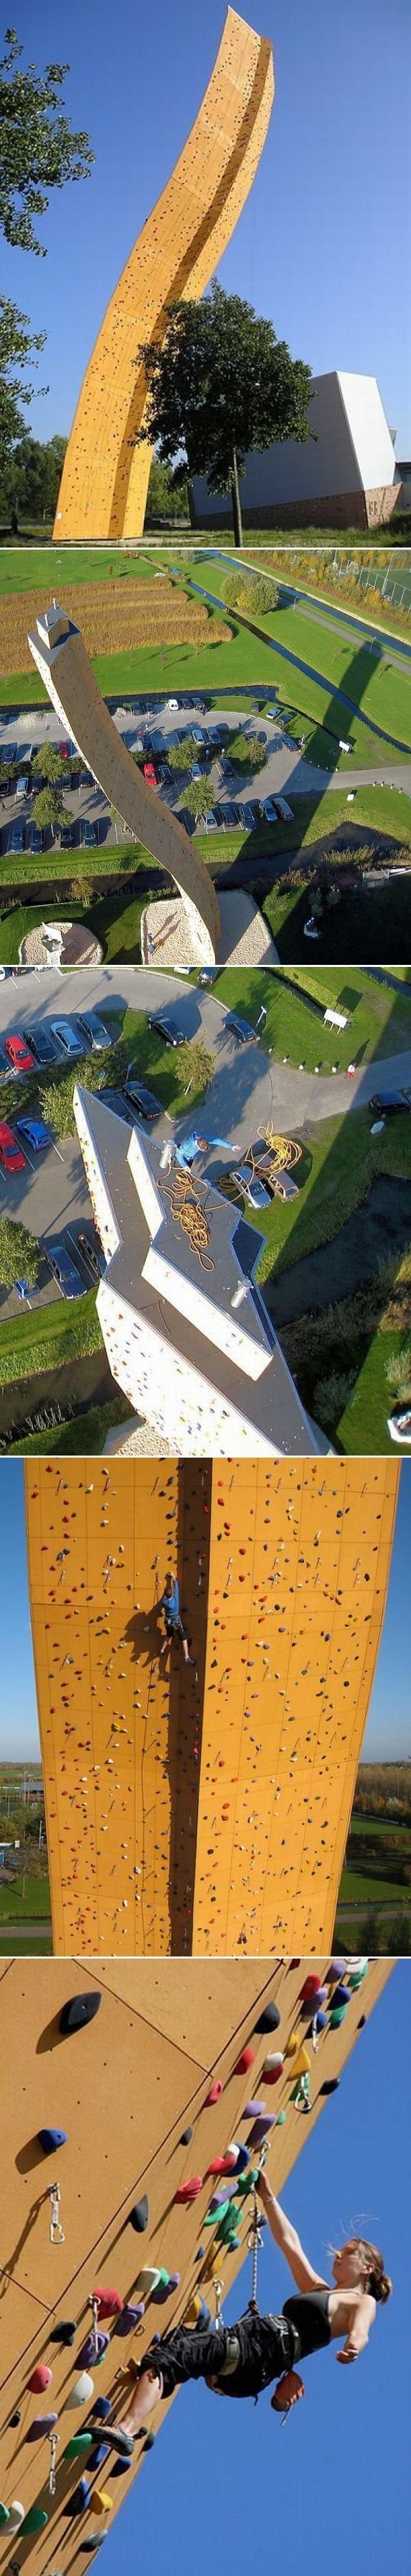 Экскалибур - высокая стена для скалолазов в Голландии. 37 метров (примерно 12 этажей). Скалолазание, Экскалибур, Голландия, Длиннопост